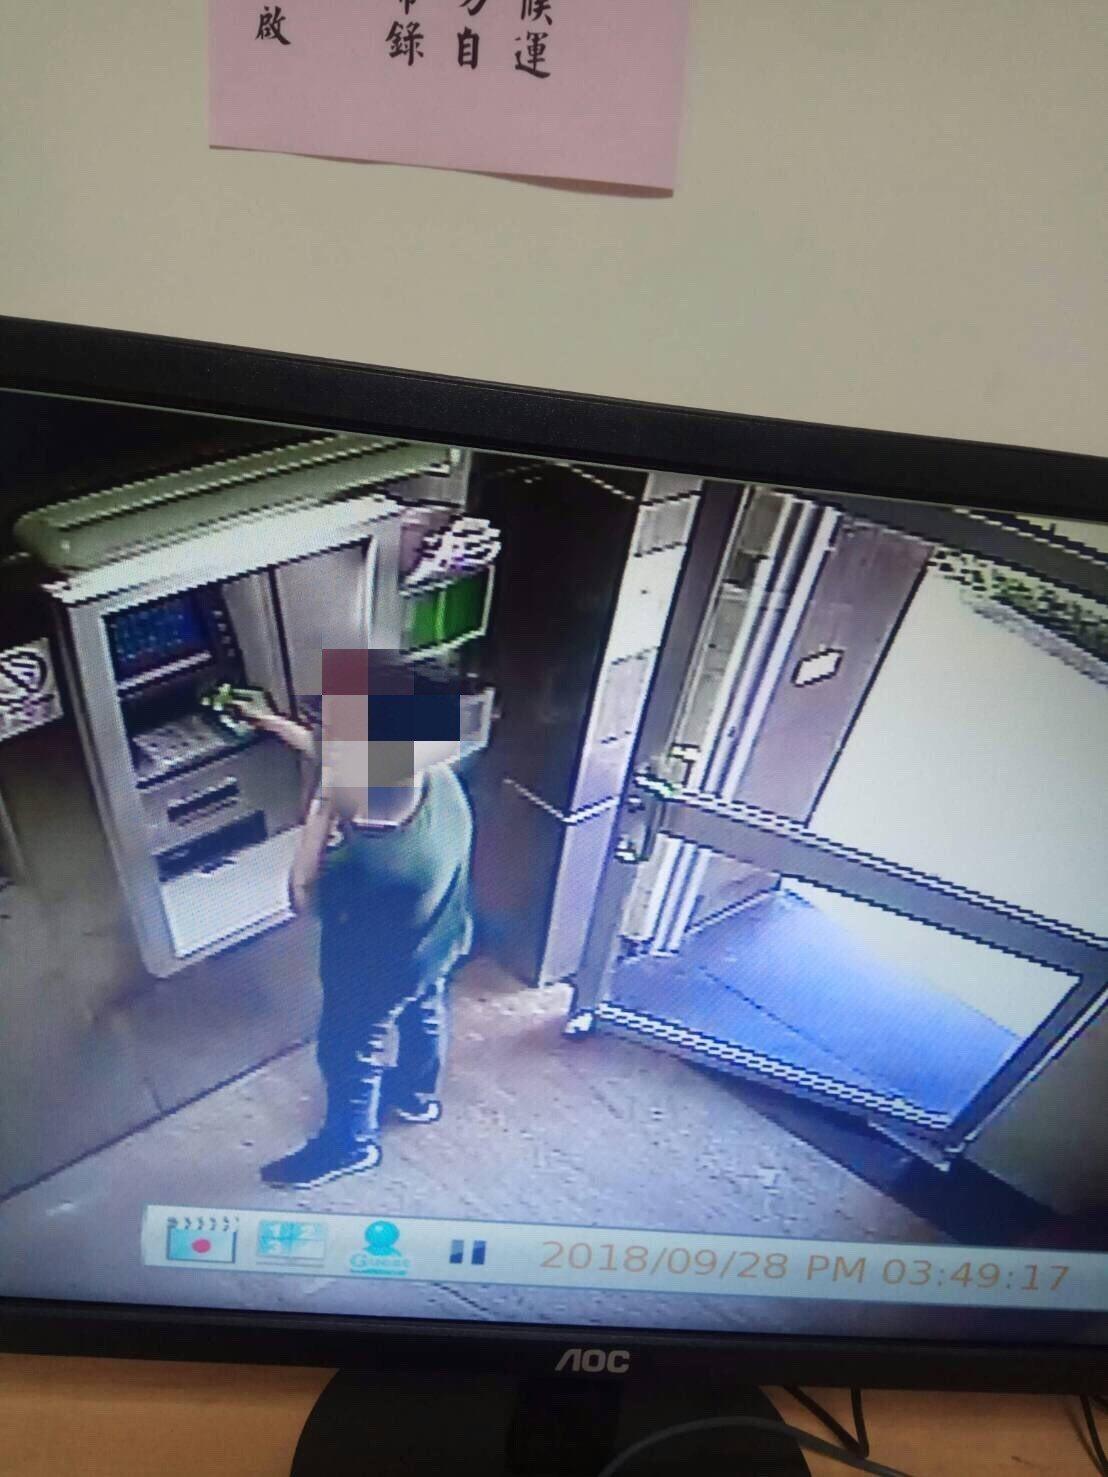 警方調閱車手提領贓款的畫面。記者林伯驊/翻攝